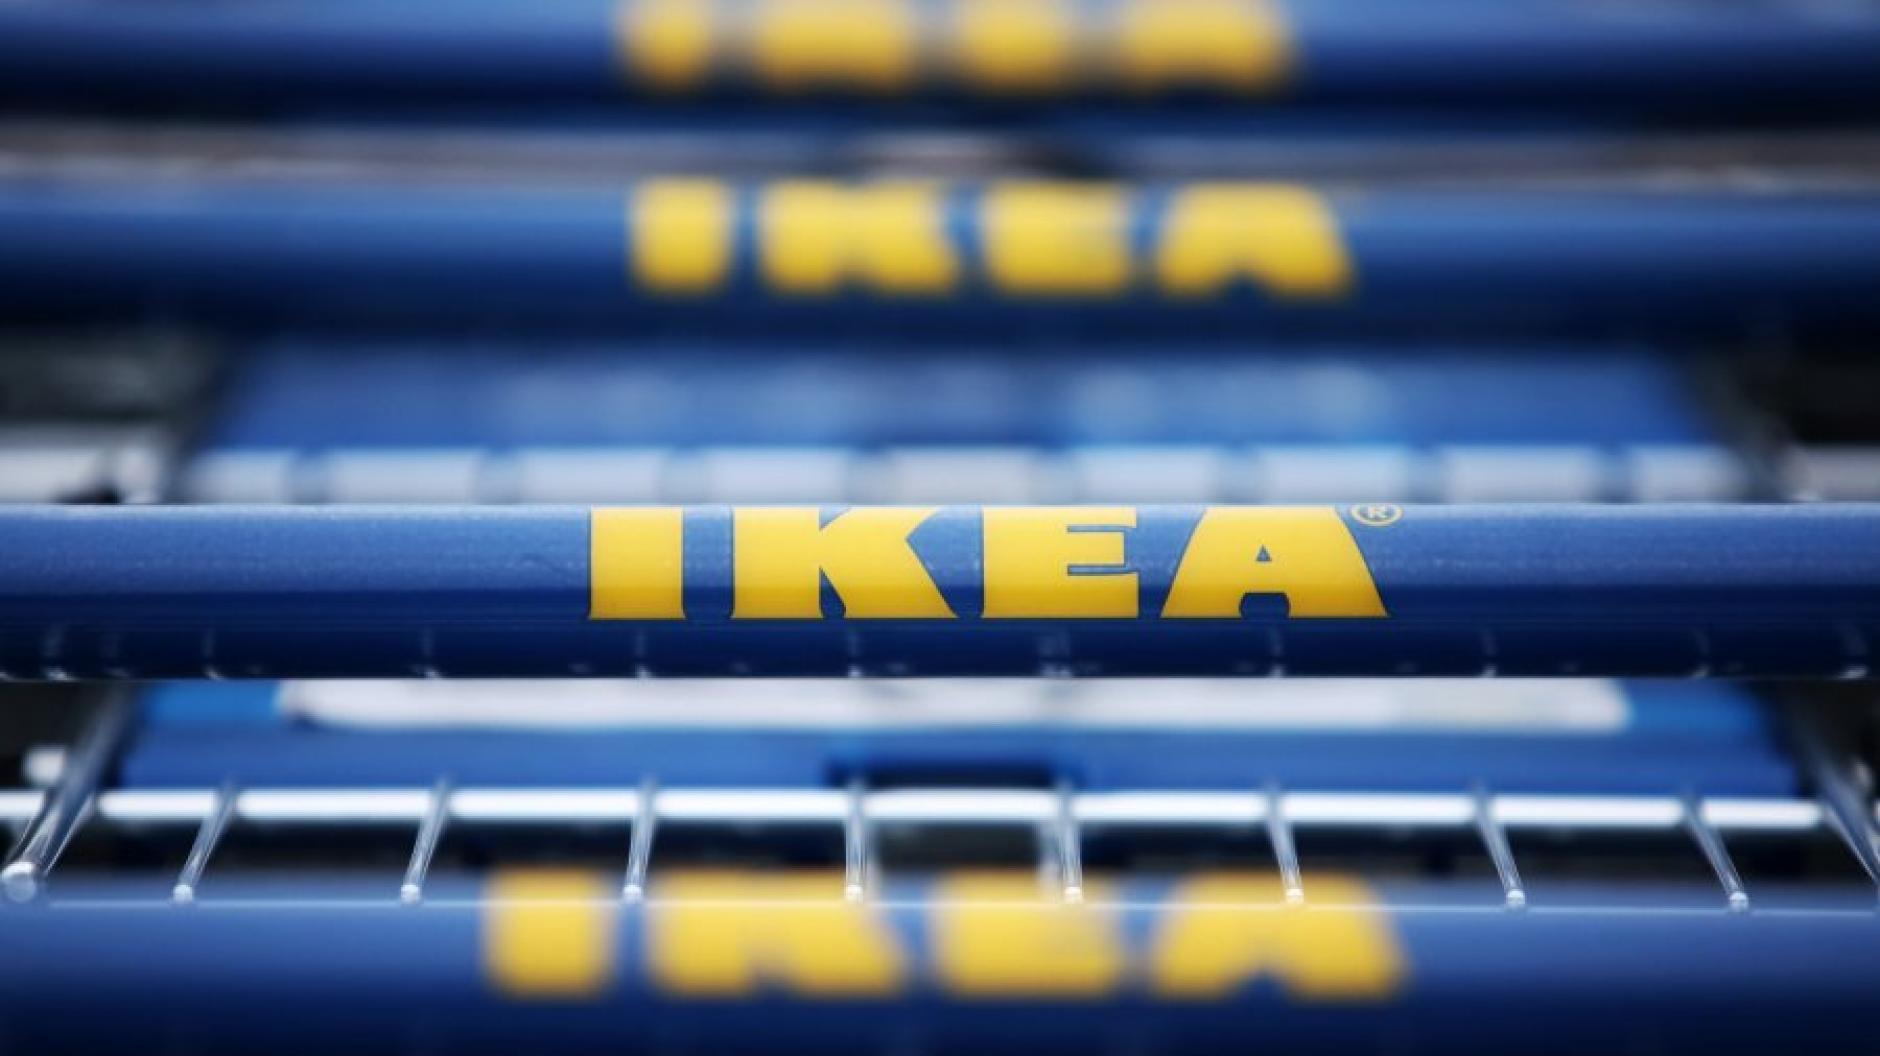 Neue Gesetze: Ikea, Kfz-Steuer, Lampen: Das ändert sich im ...